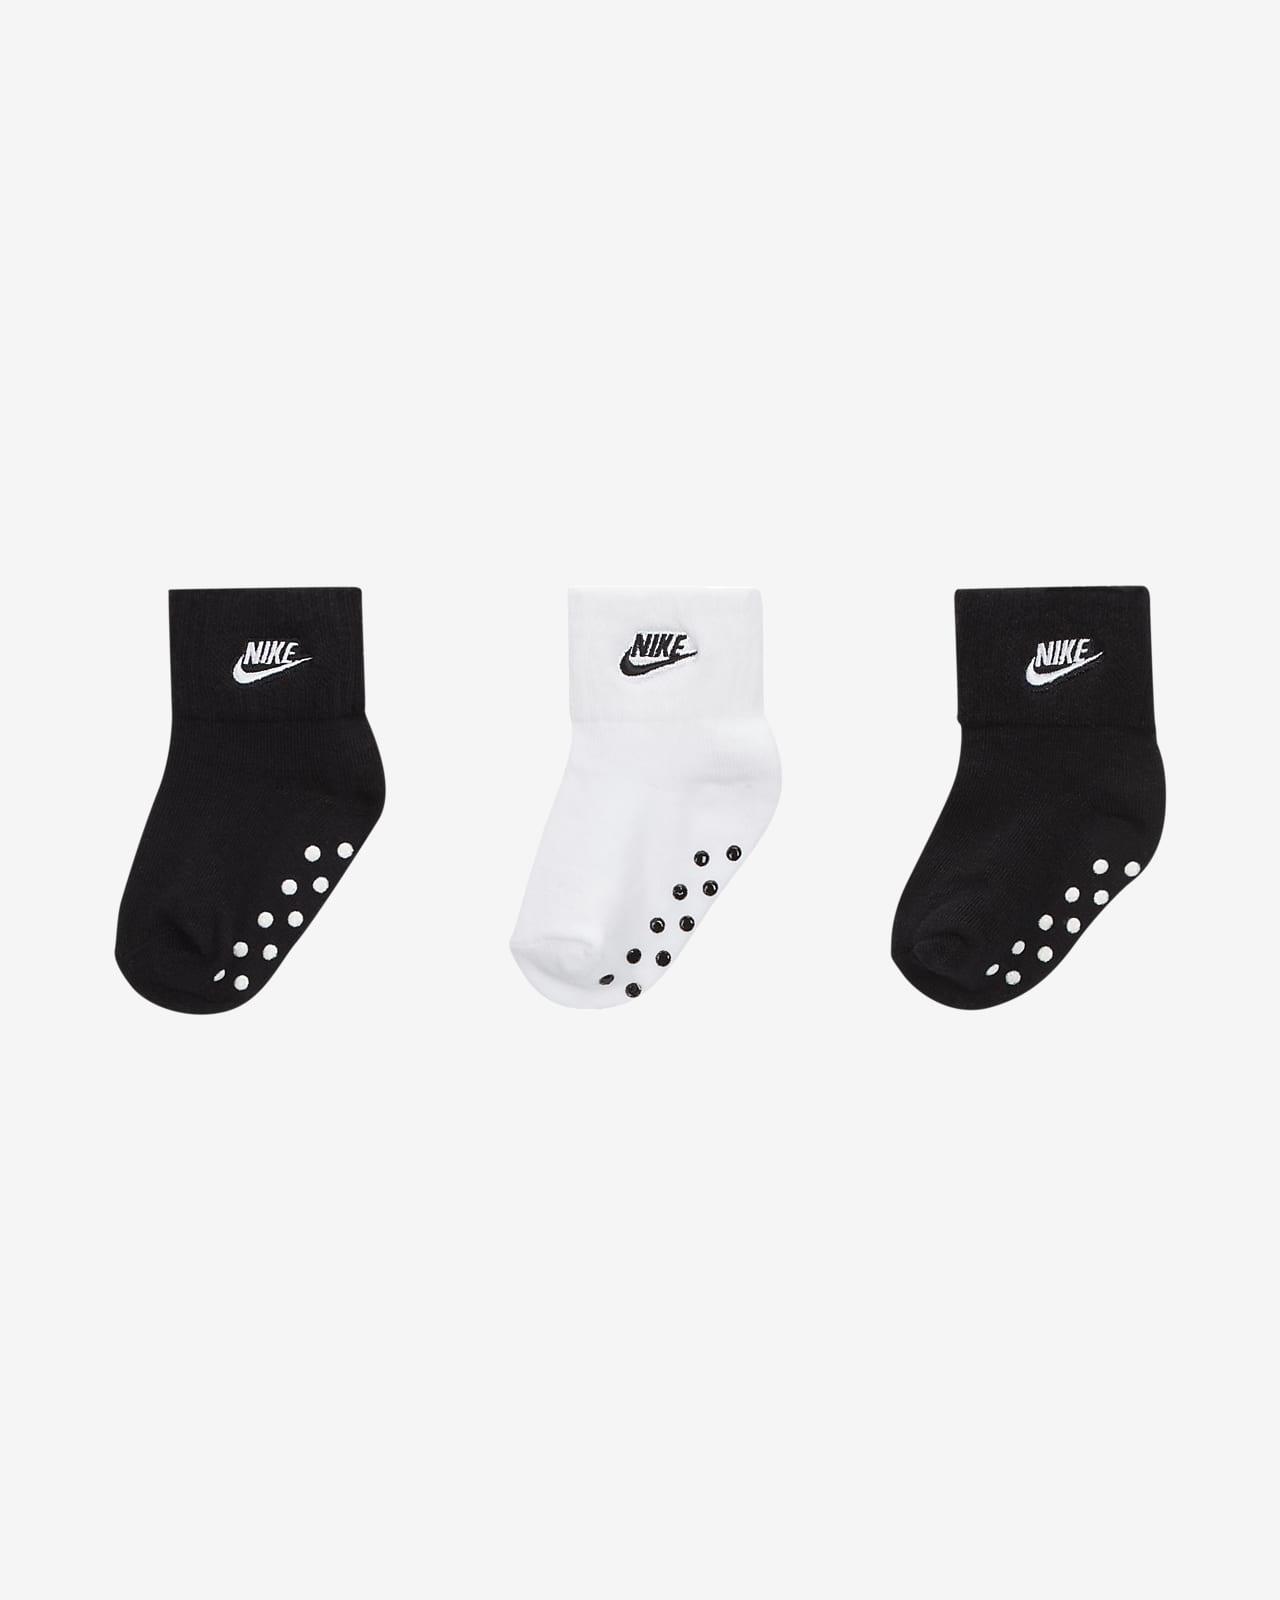 Calcetines hasta el tobillo con agarre para bebé Nike (3 paquetes)